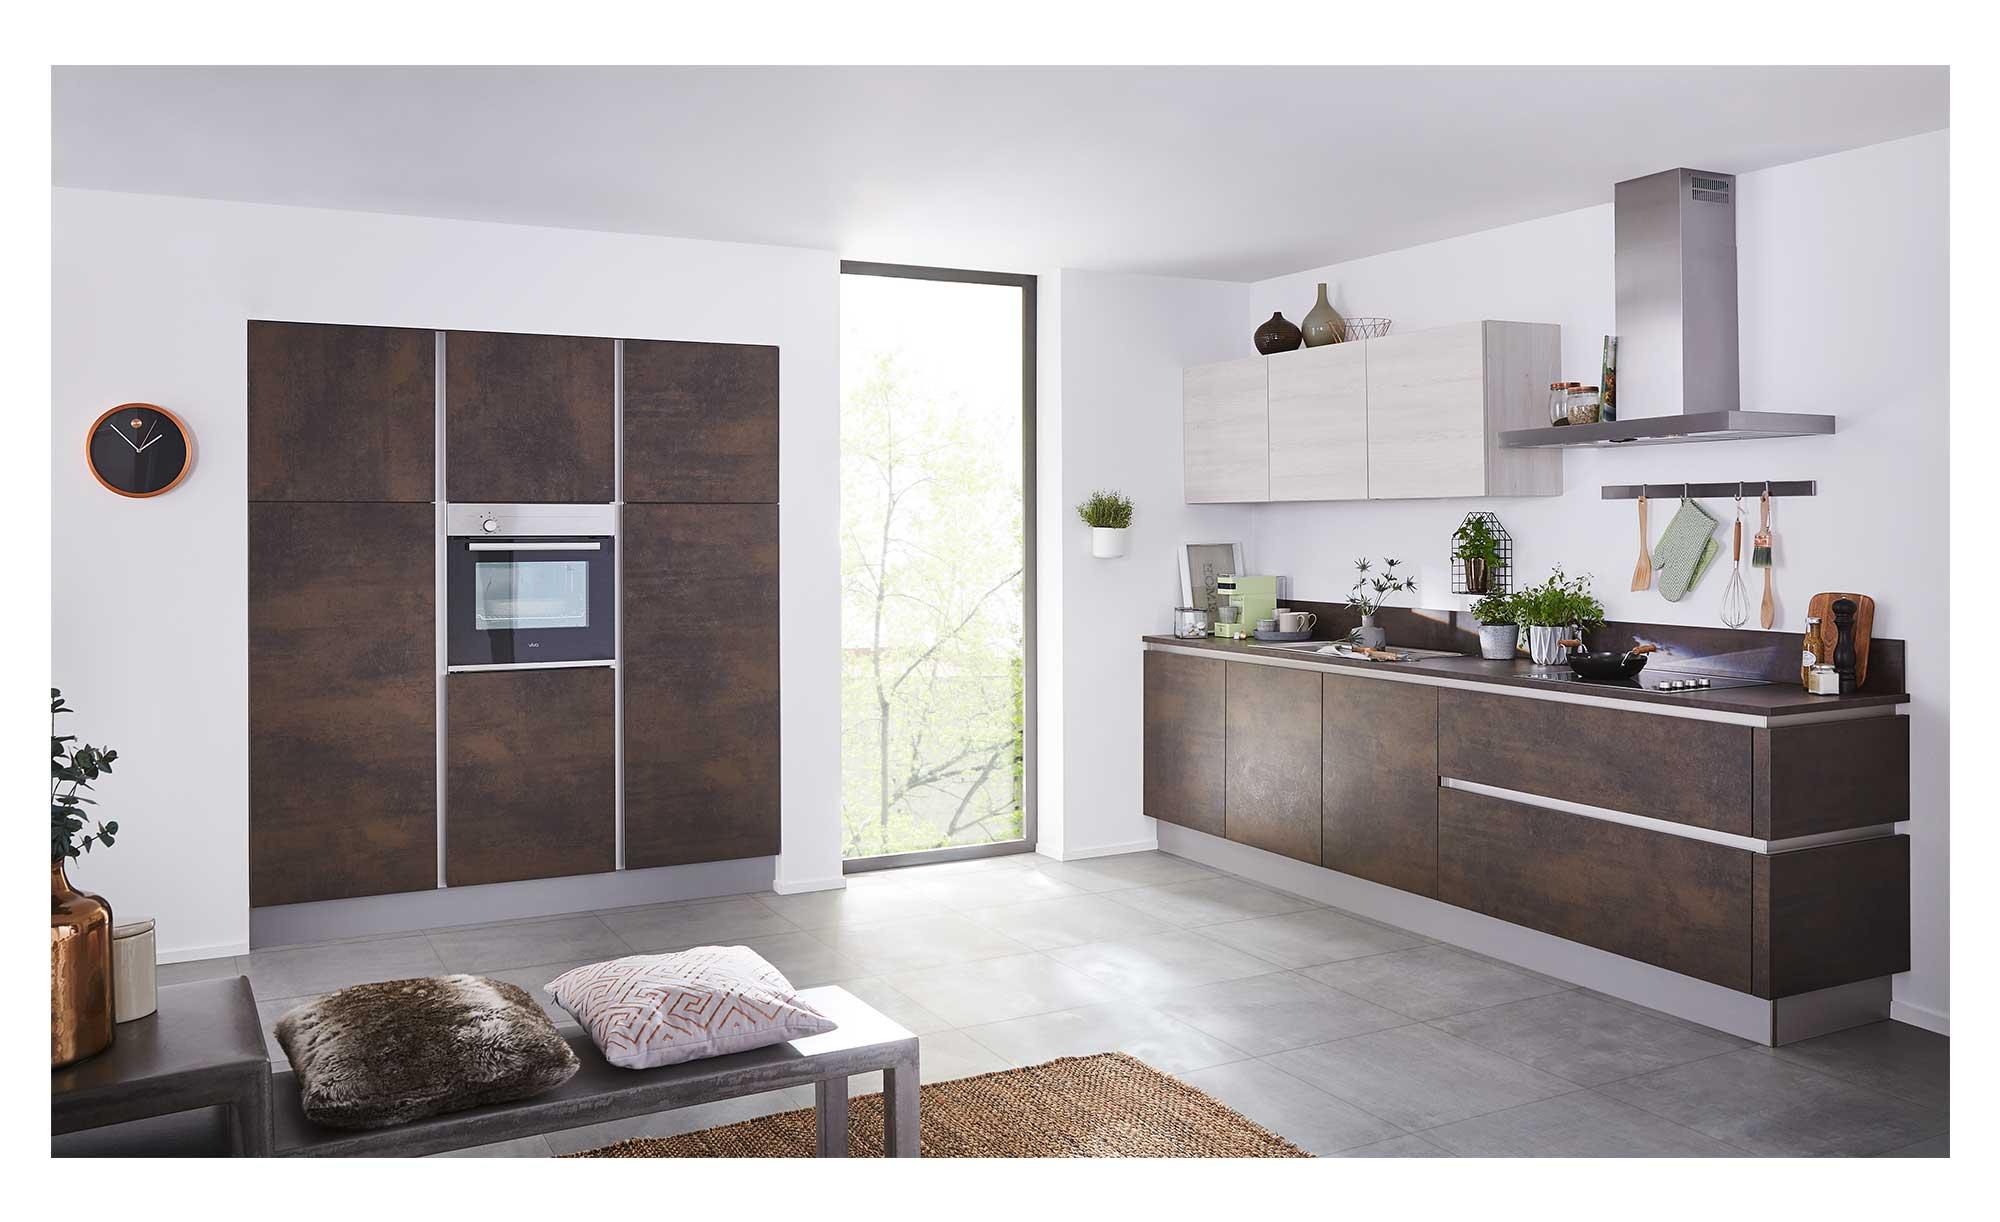 Nolte Wohnkuche Metal Manhattan Bei Mobel Heinrich Kaufen